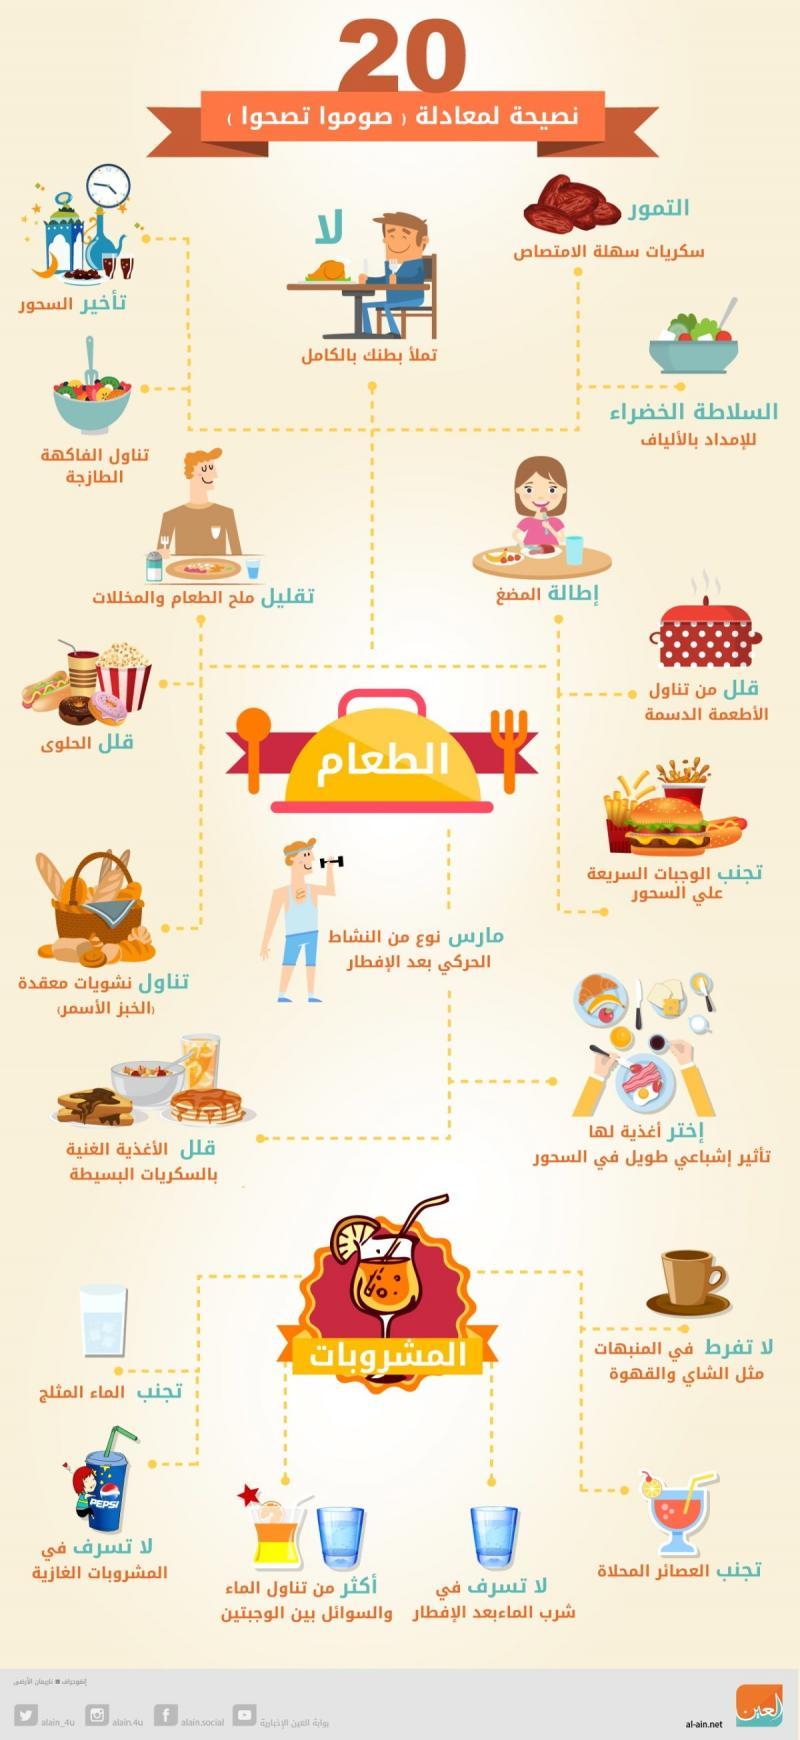 #انفوجرافيك ٢٠ نصيحة لتحقيق معادلة صوموا تصحوا #رمضان